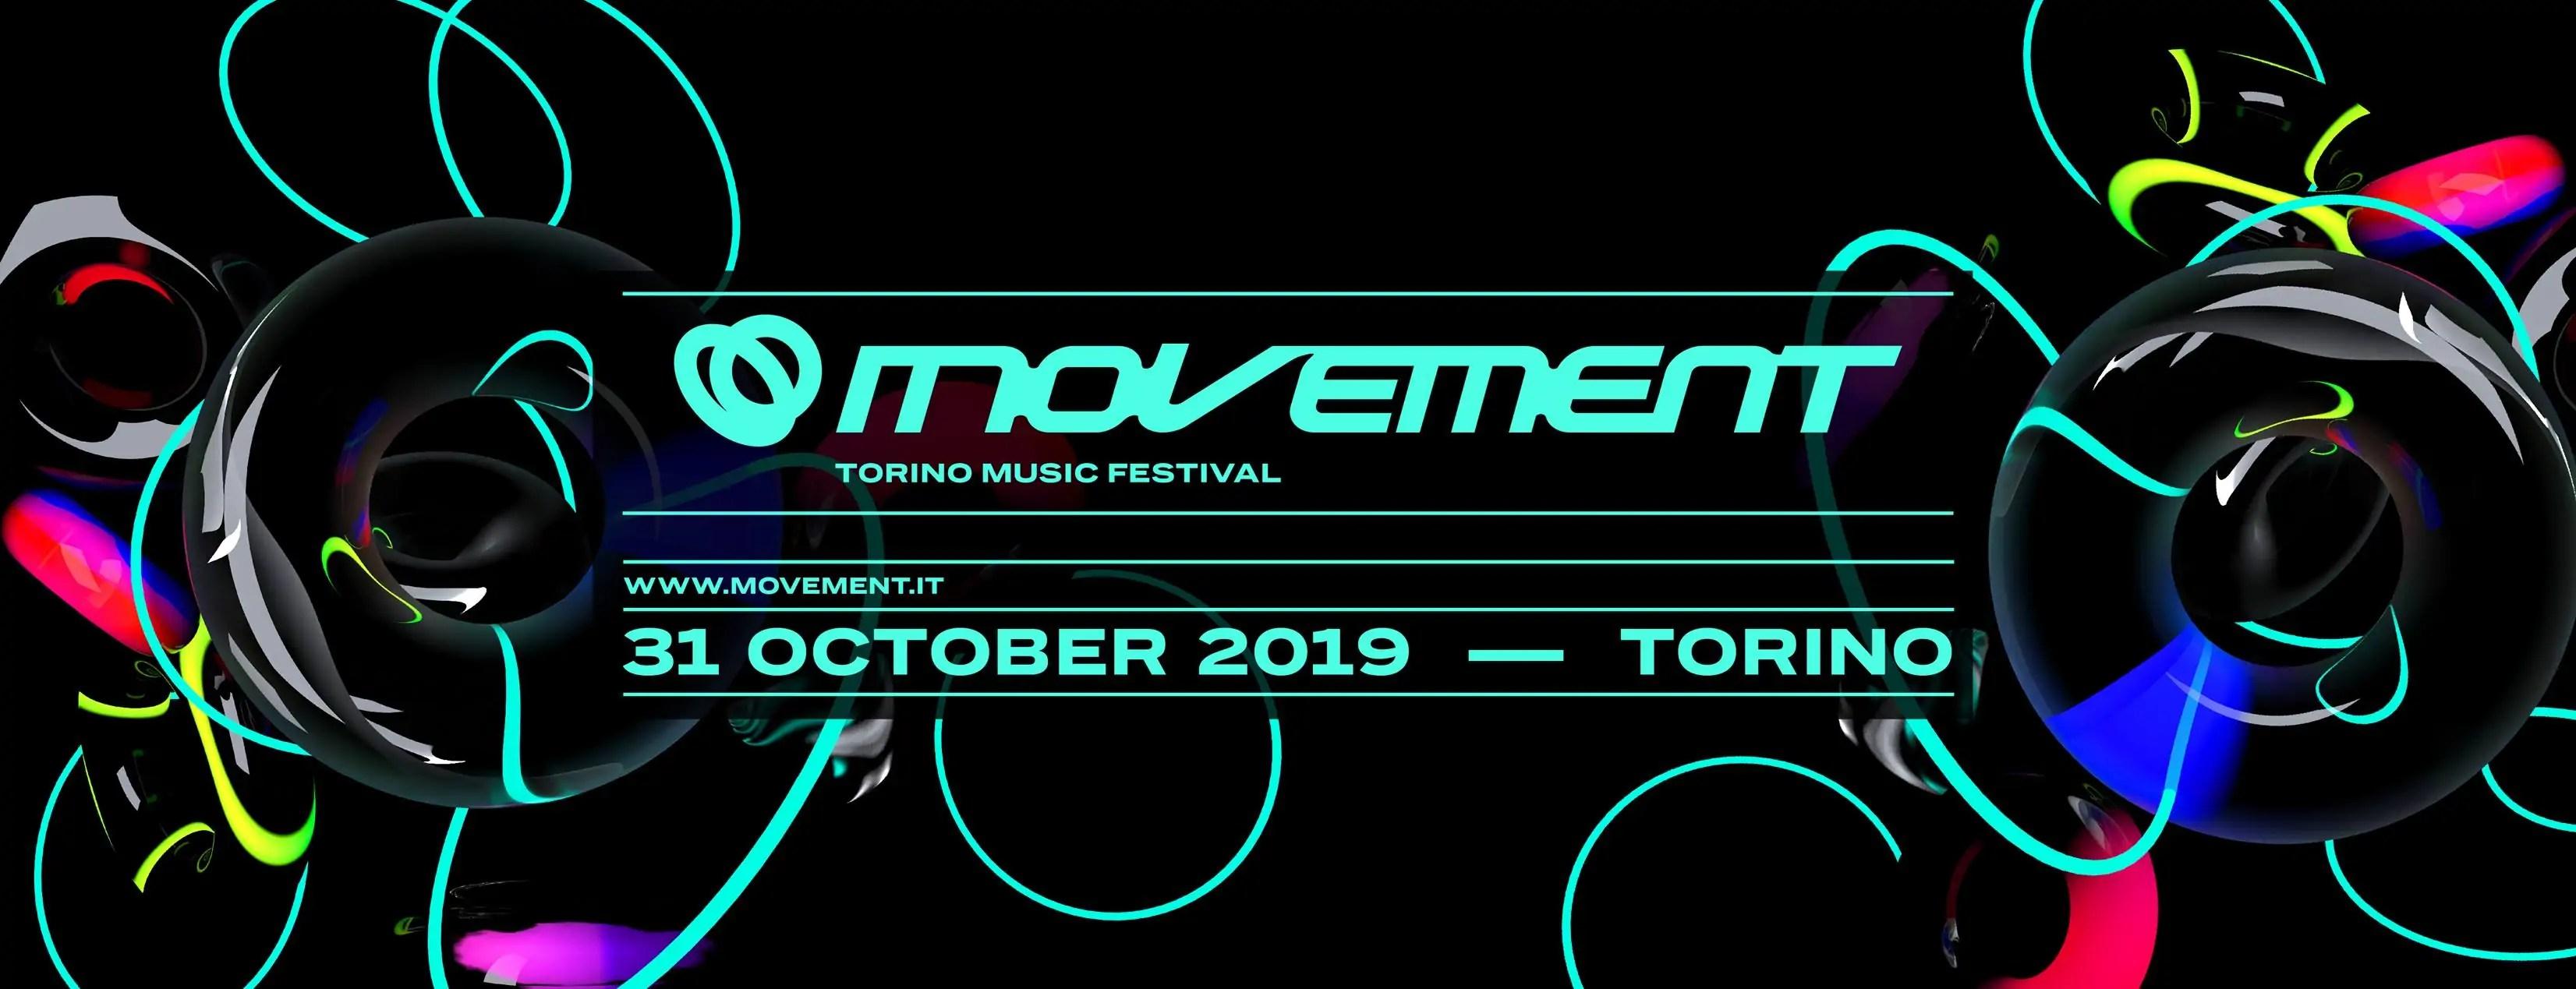 Movement Torino Music Festival 2019, 31 Ottobre – Lingotto Fiere | Ticket Pacchetti Hotel